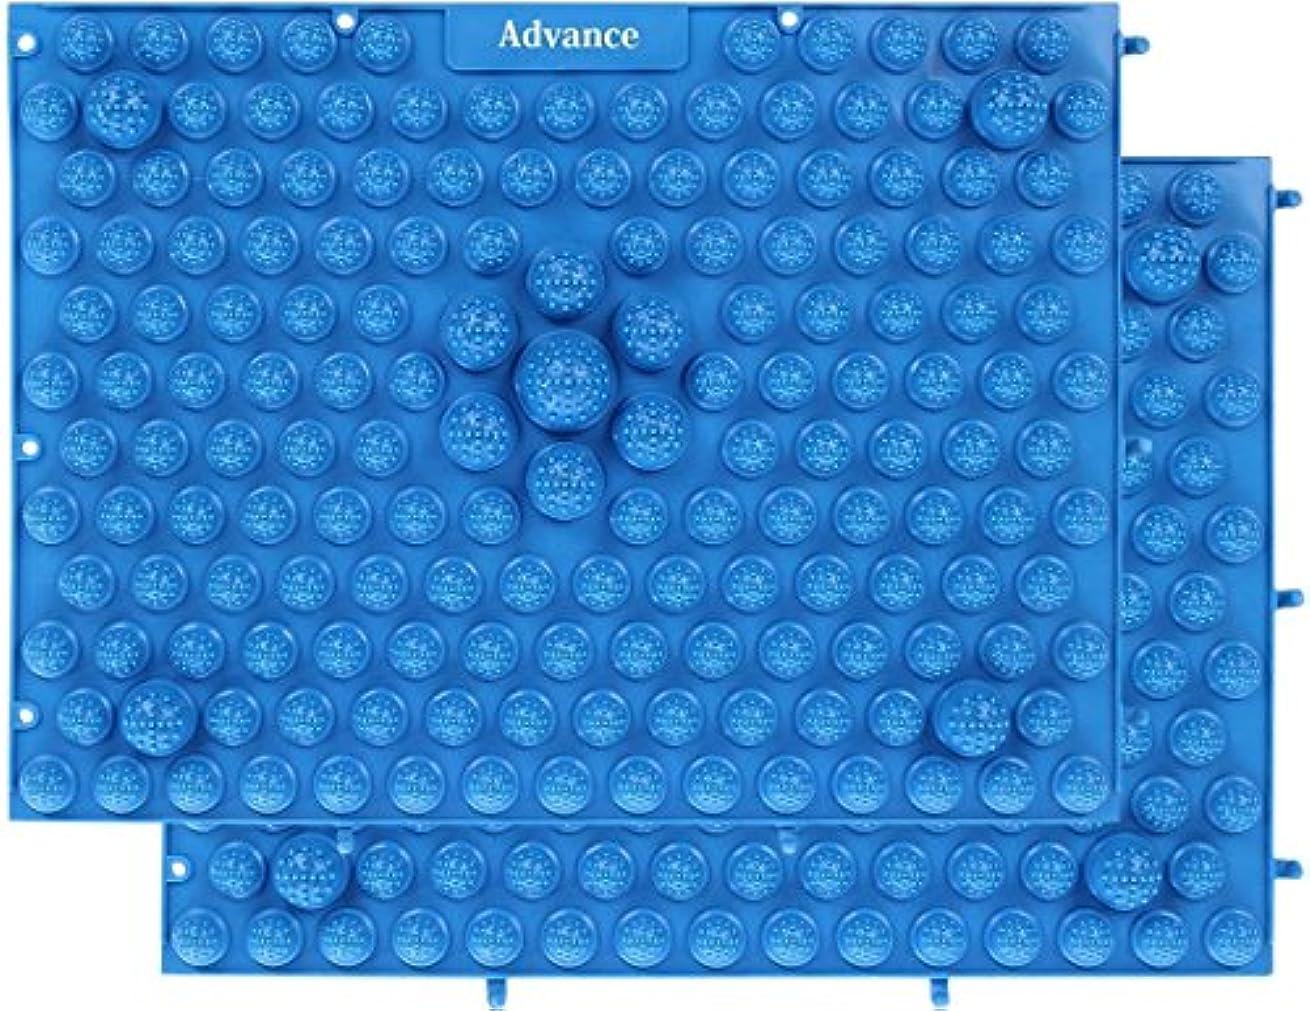 一時停止セマフォ尽きる[OneStepAdvance] 足つぼ健康マット 足踏みマッサージ 37×27cm 2枚セット (ブルー)